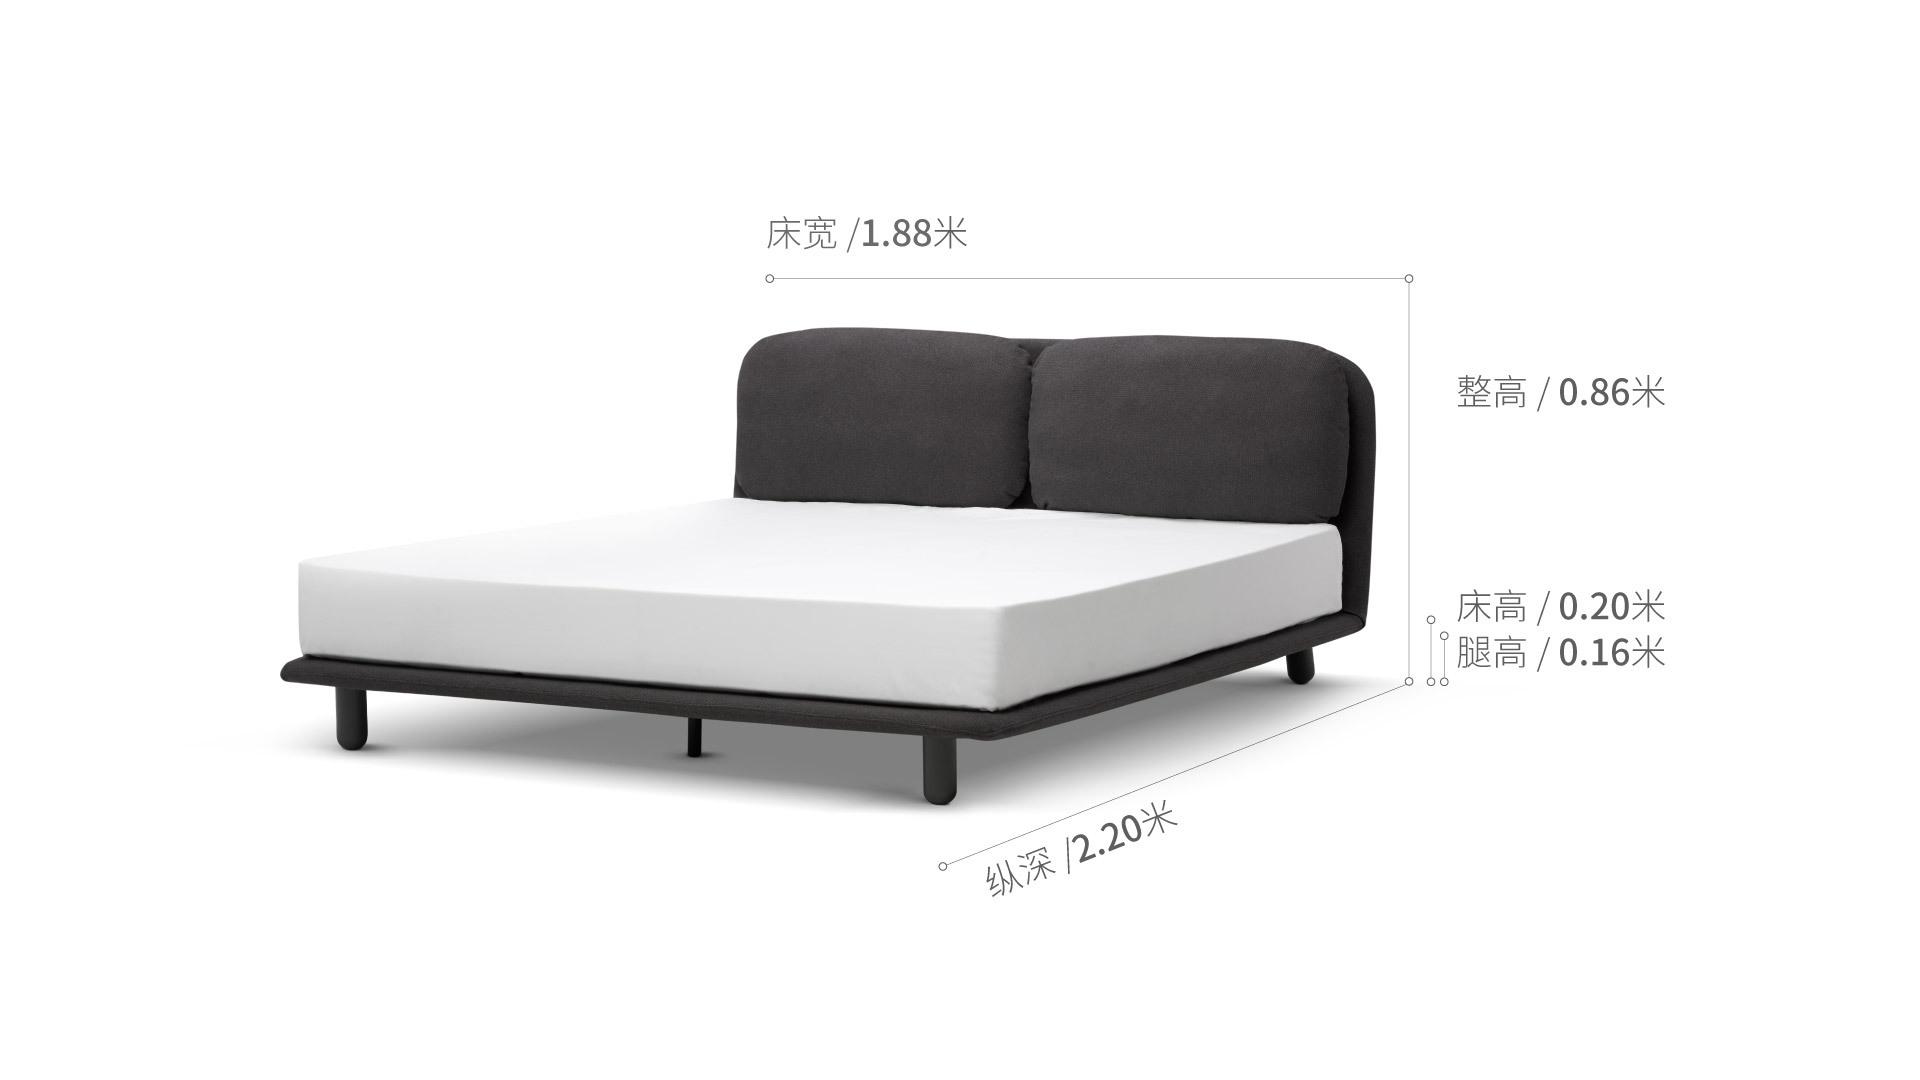 云团床®1.8米款床·床具效果图